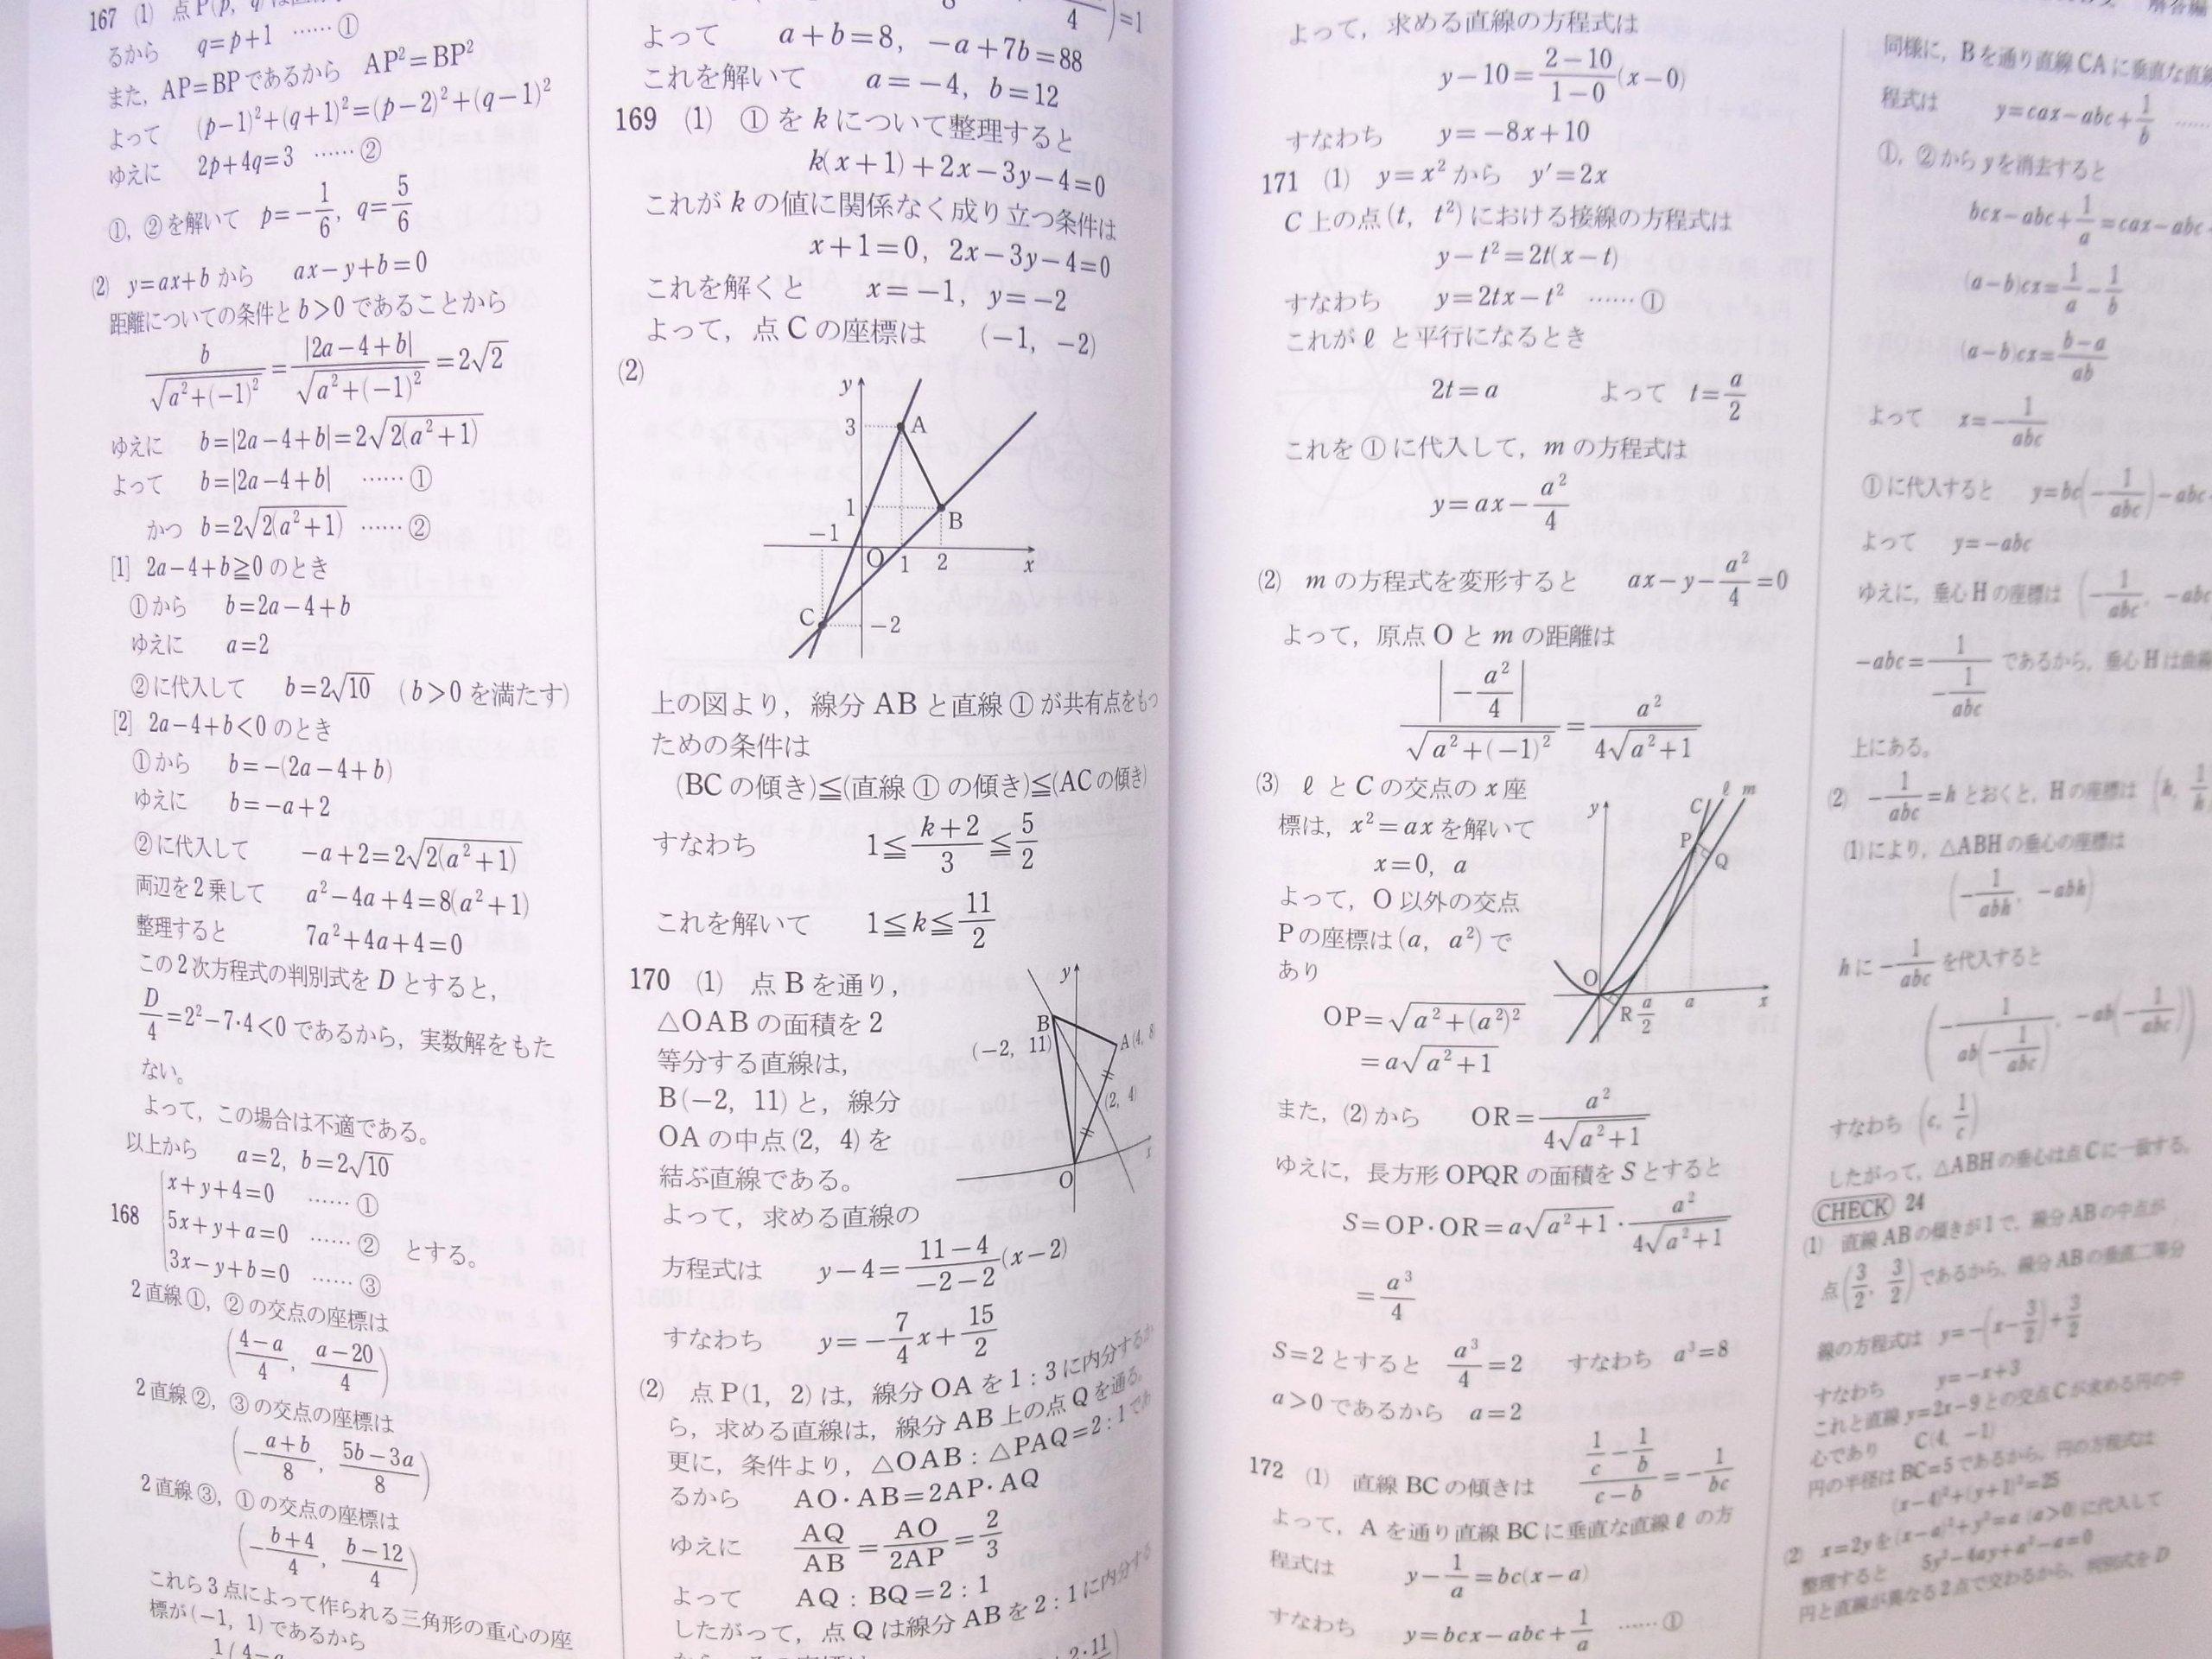 メジアン 数学 演習 1 2 ab 受験 編 解答